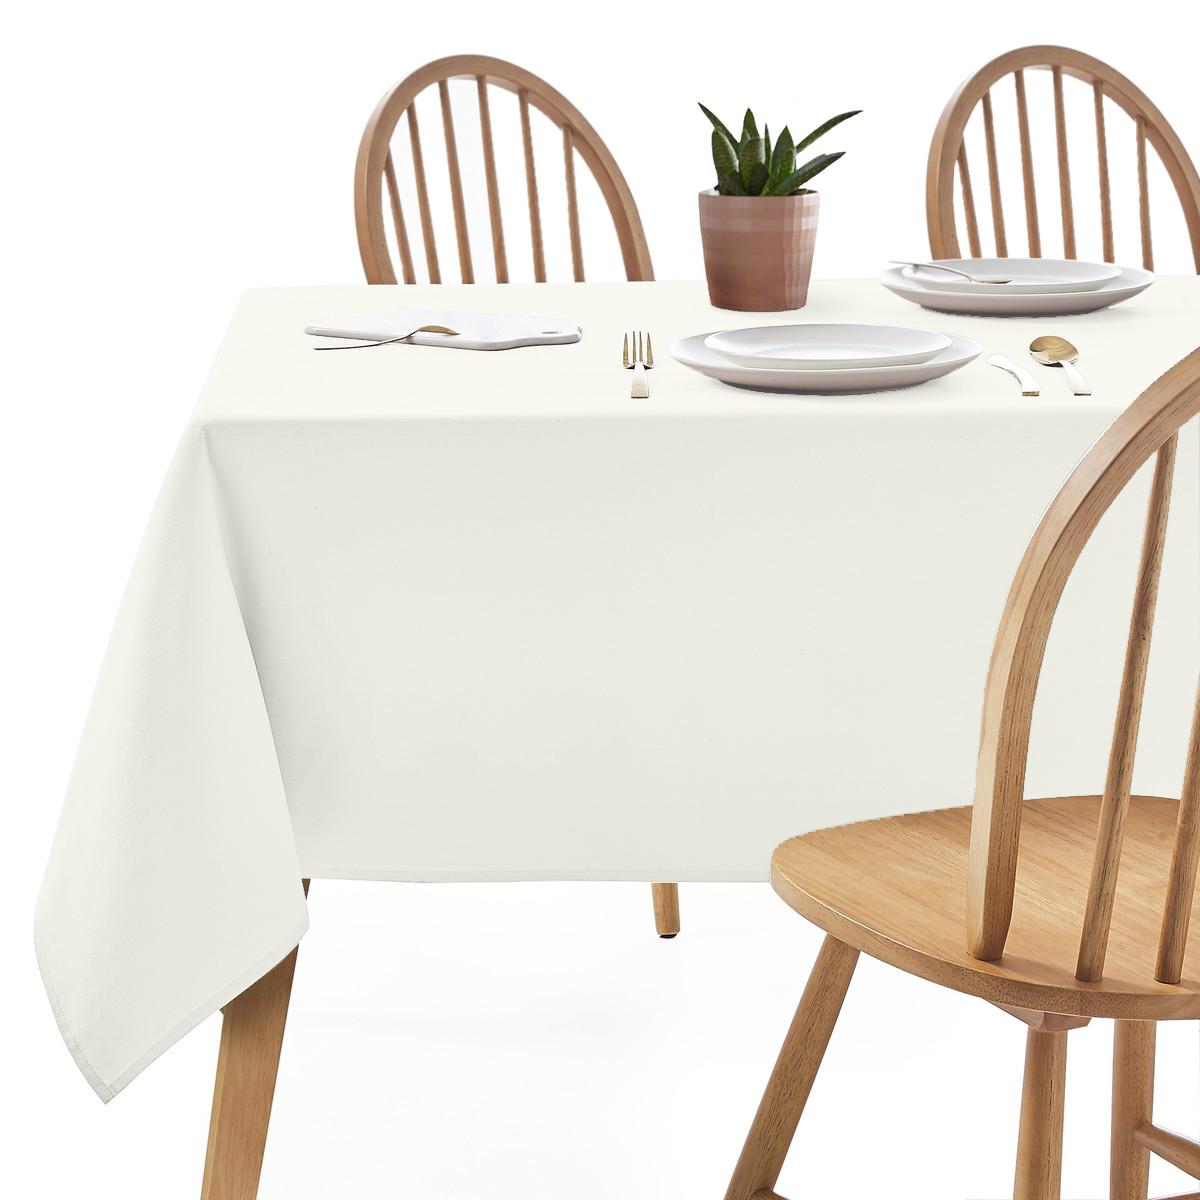 Скатертина 300х150см Молочна Арт.963 Туреччина в Ресторан на стіл 240х90см спуск 30см